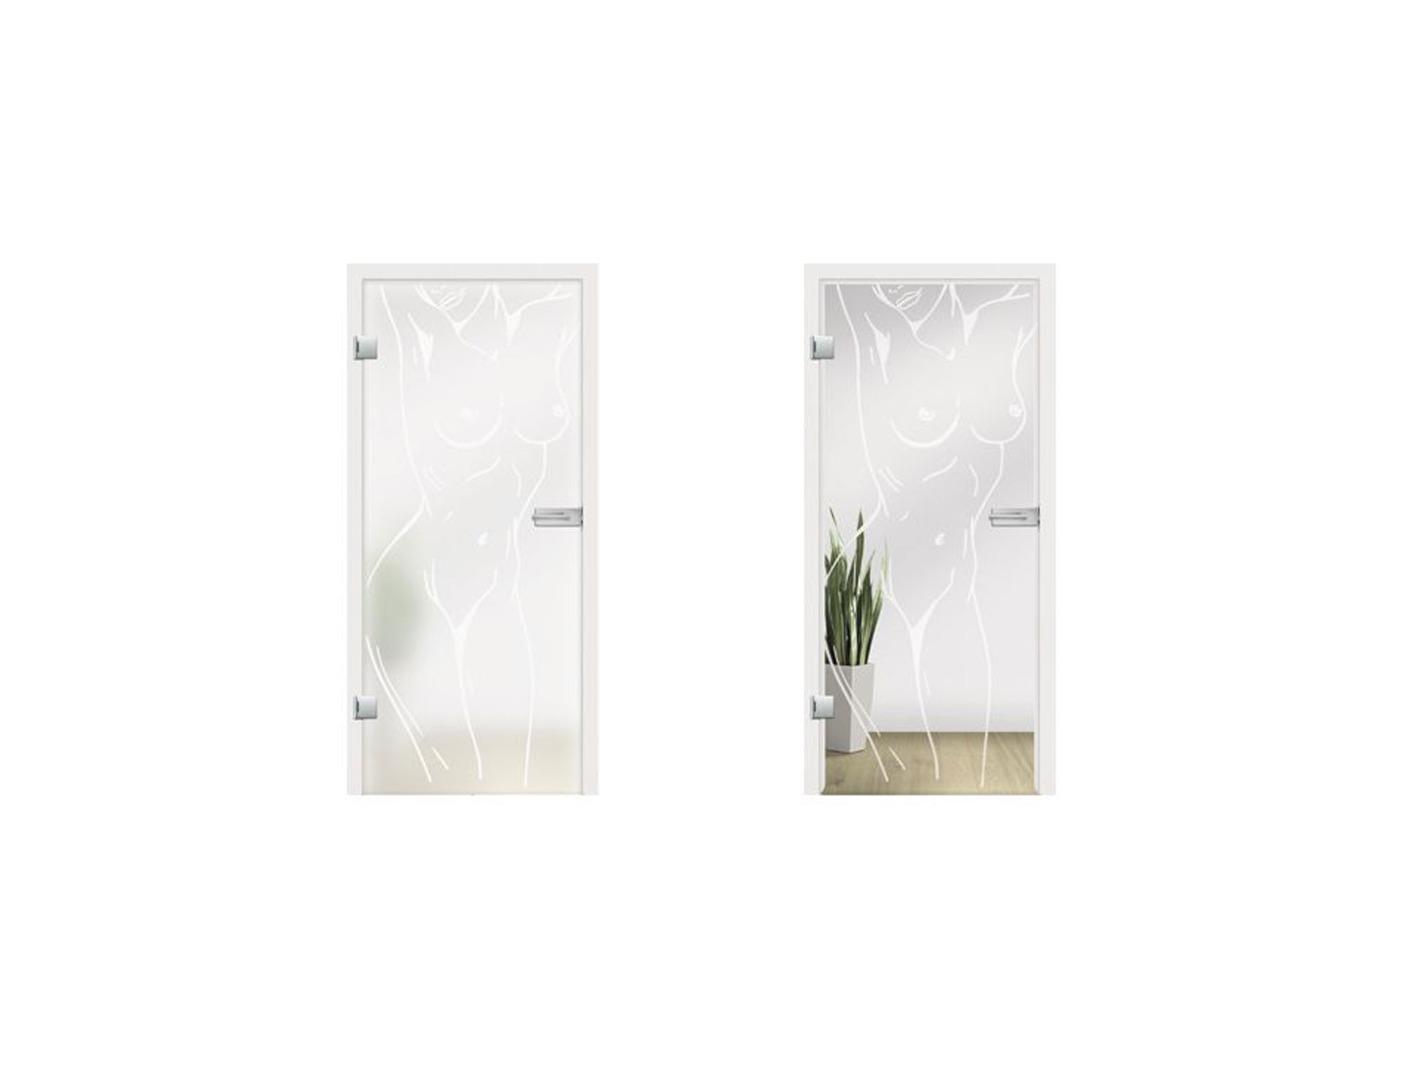 Lucianolucy Glass Door Design Glass Bathroom Doors Doors4uk